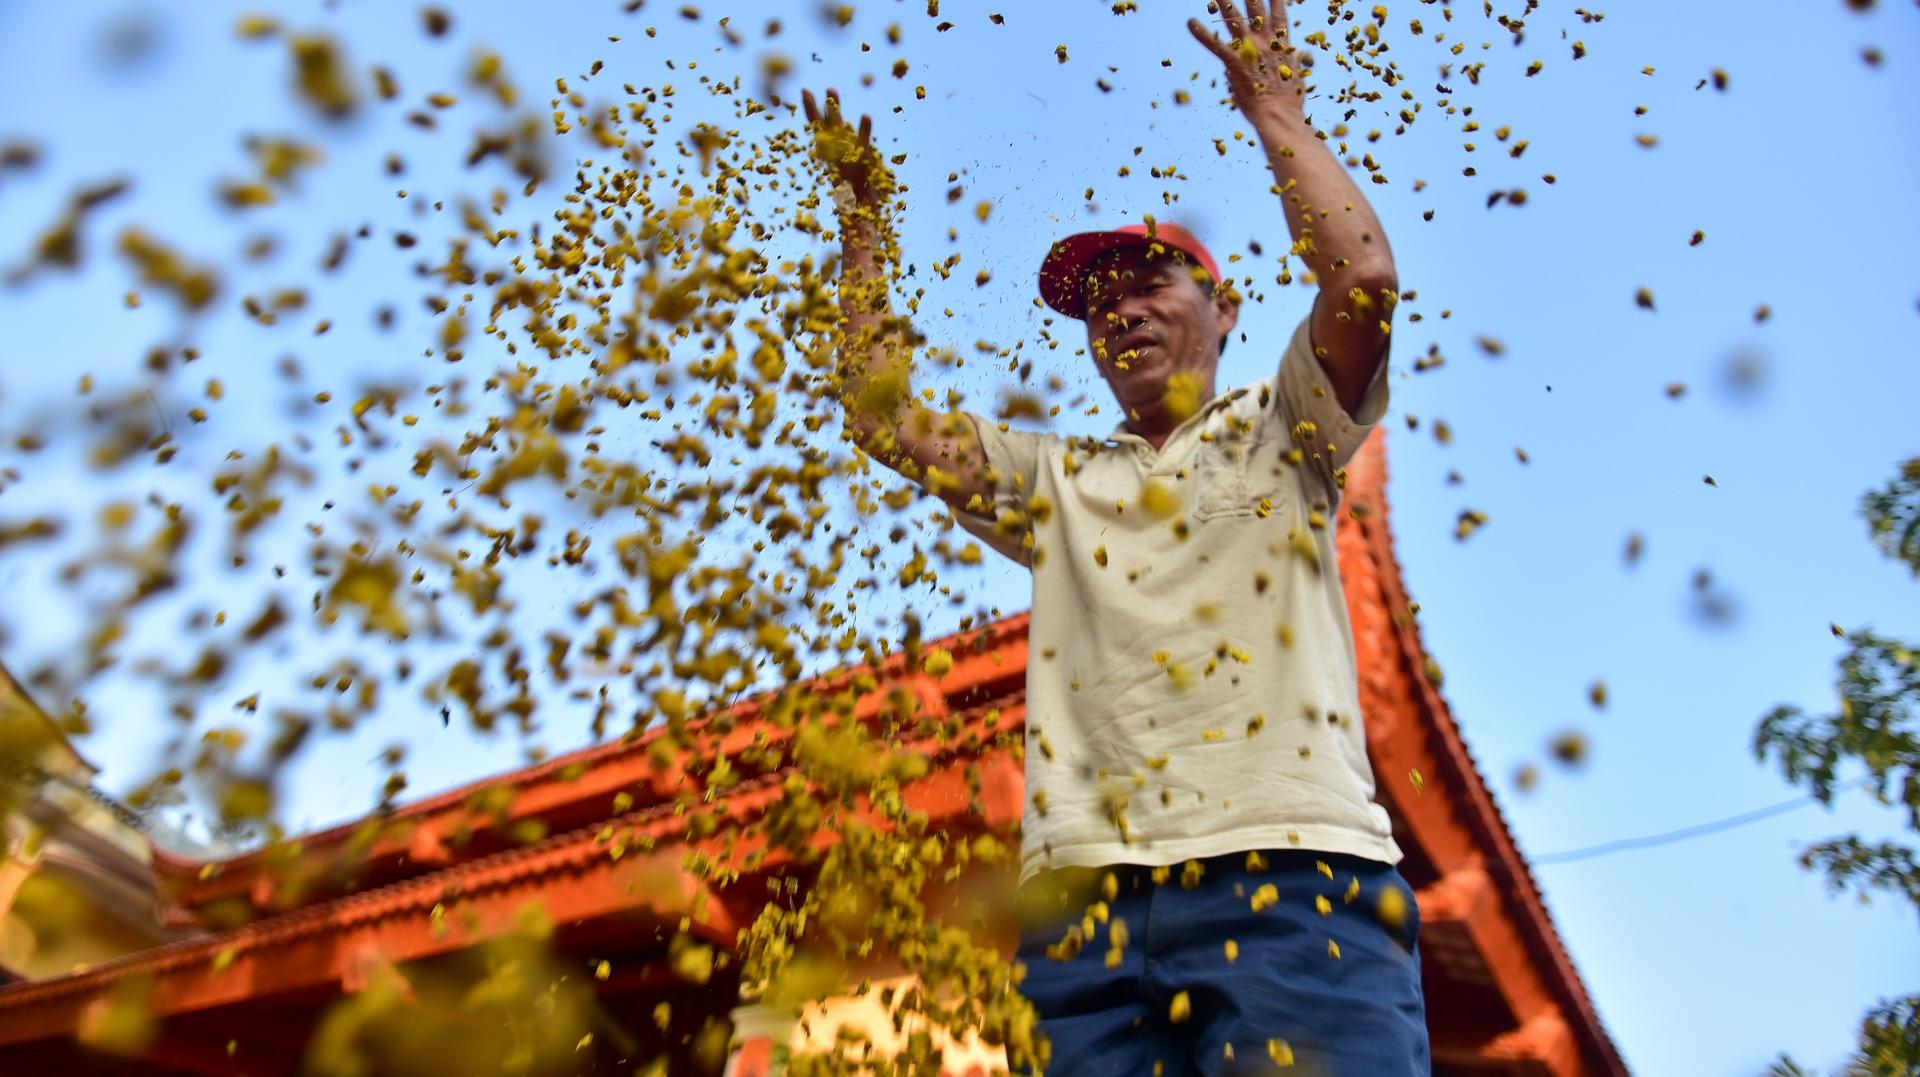 Ngắm cánh đồng cúc tiến vua vàng ruộm mộng mơ tại Nghĩa Trai, Hưng Yên - 16